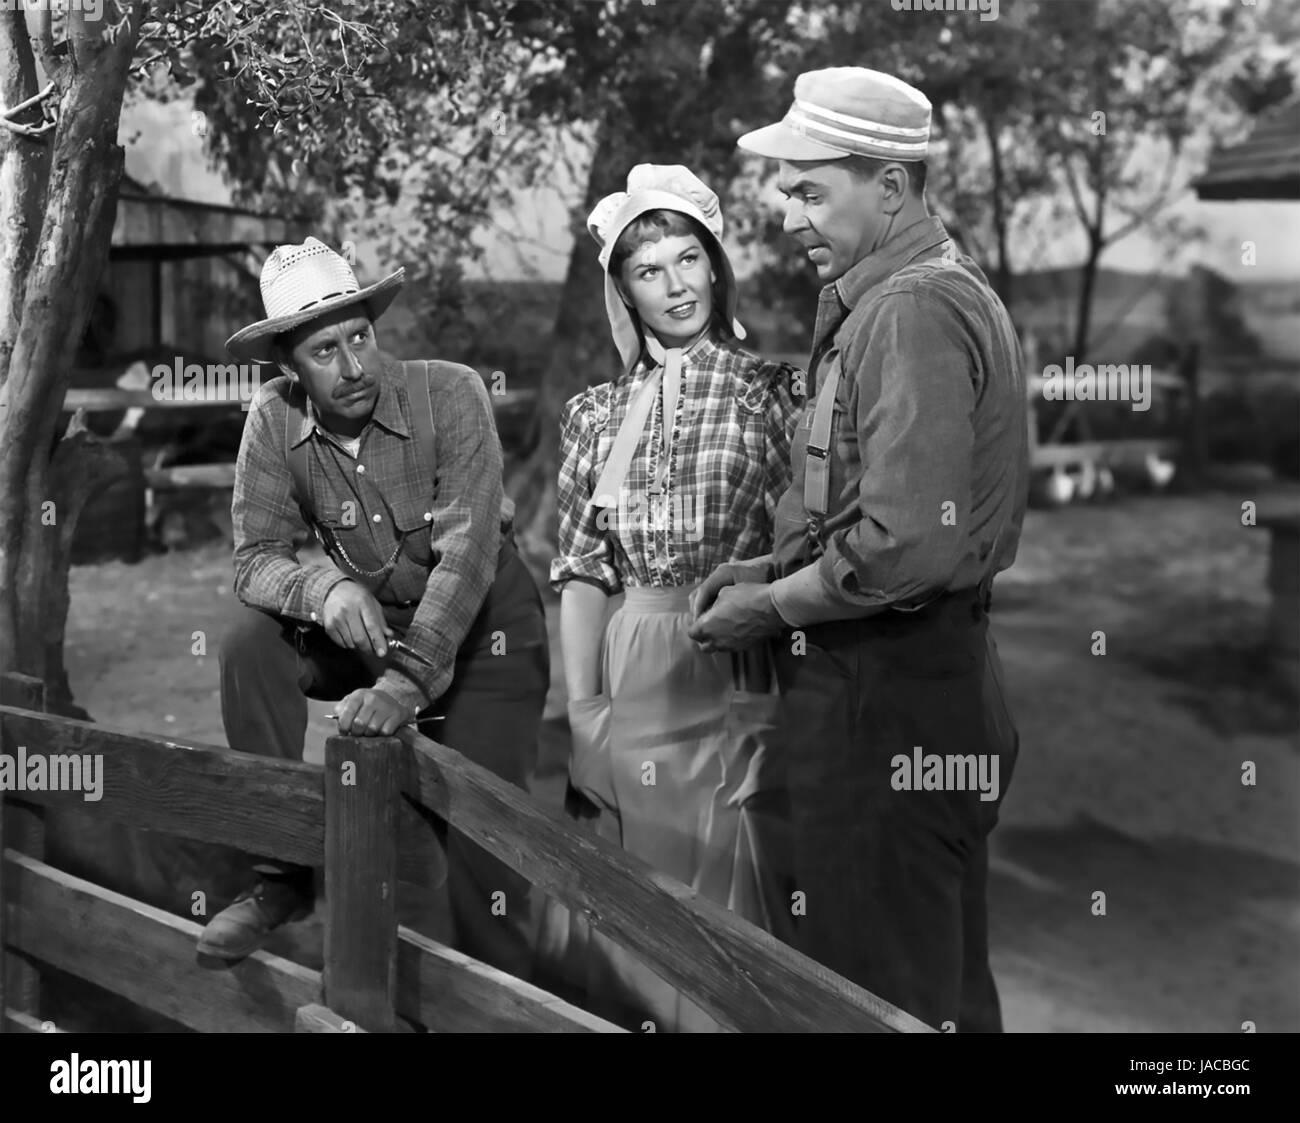 Il team vincitore 1952 Warner Bros film con Ronald Reagan a destra come eroe di baseball Grover Alexander con Doris Immagini Stock